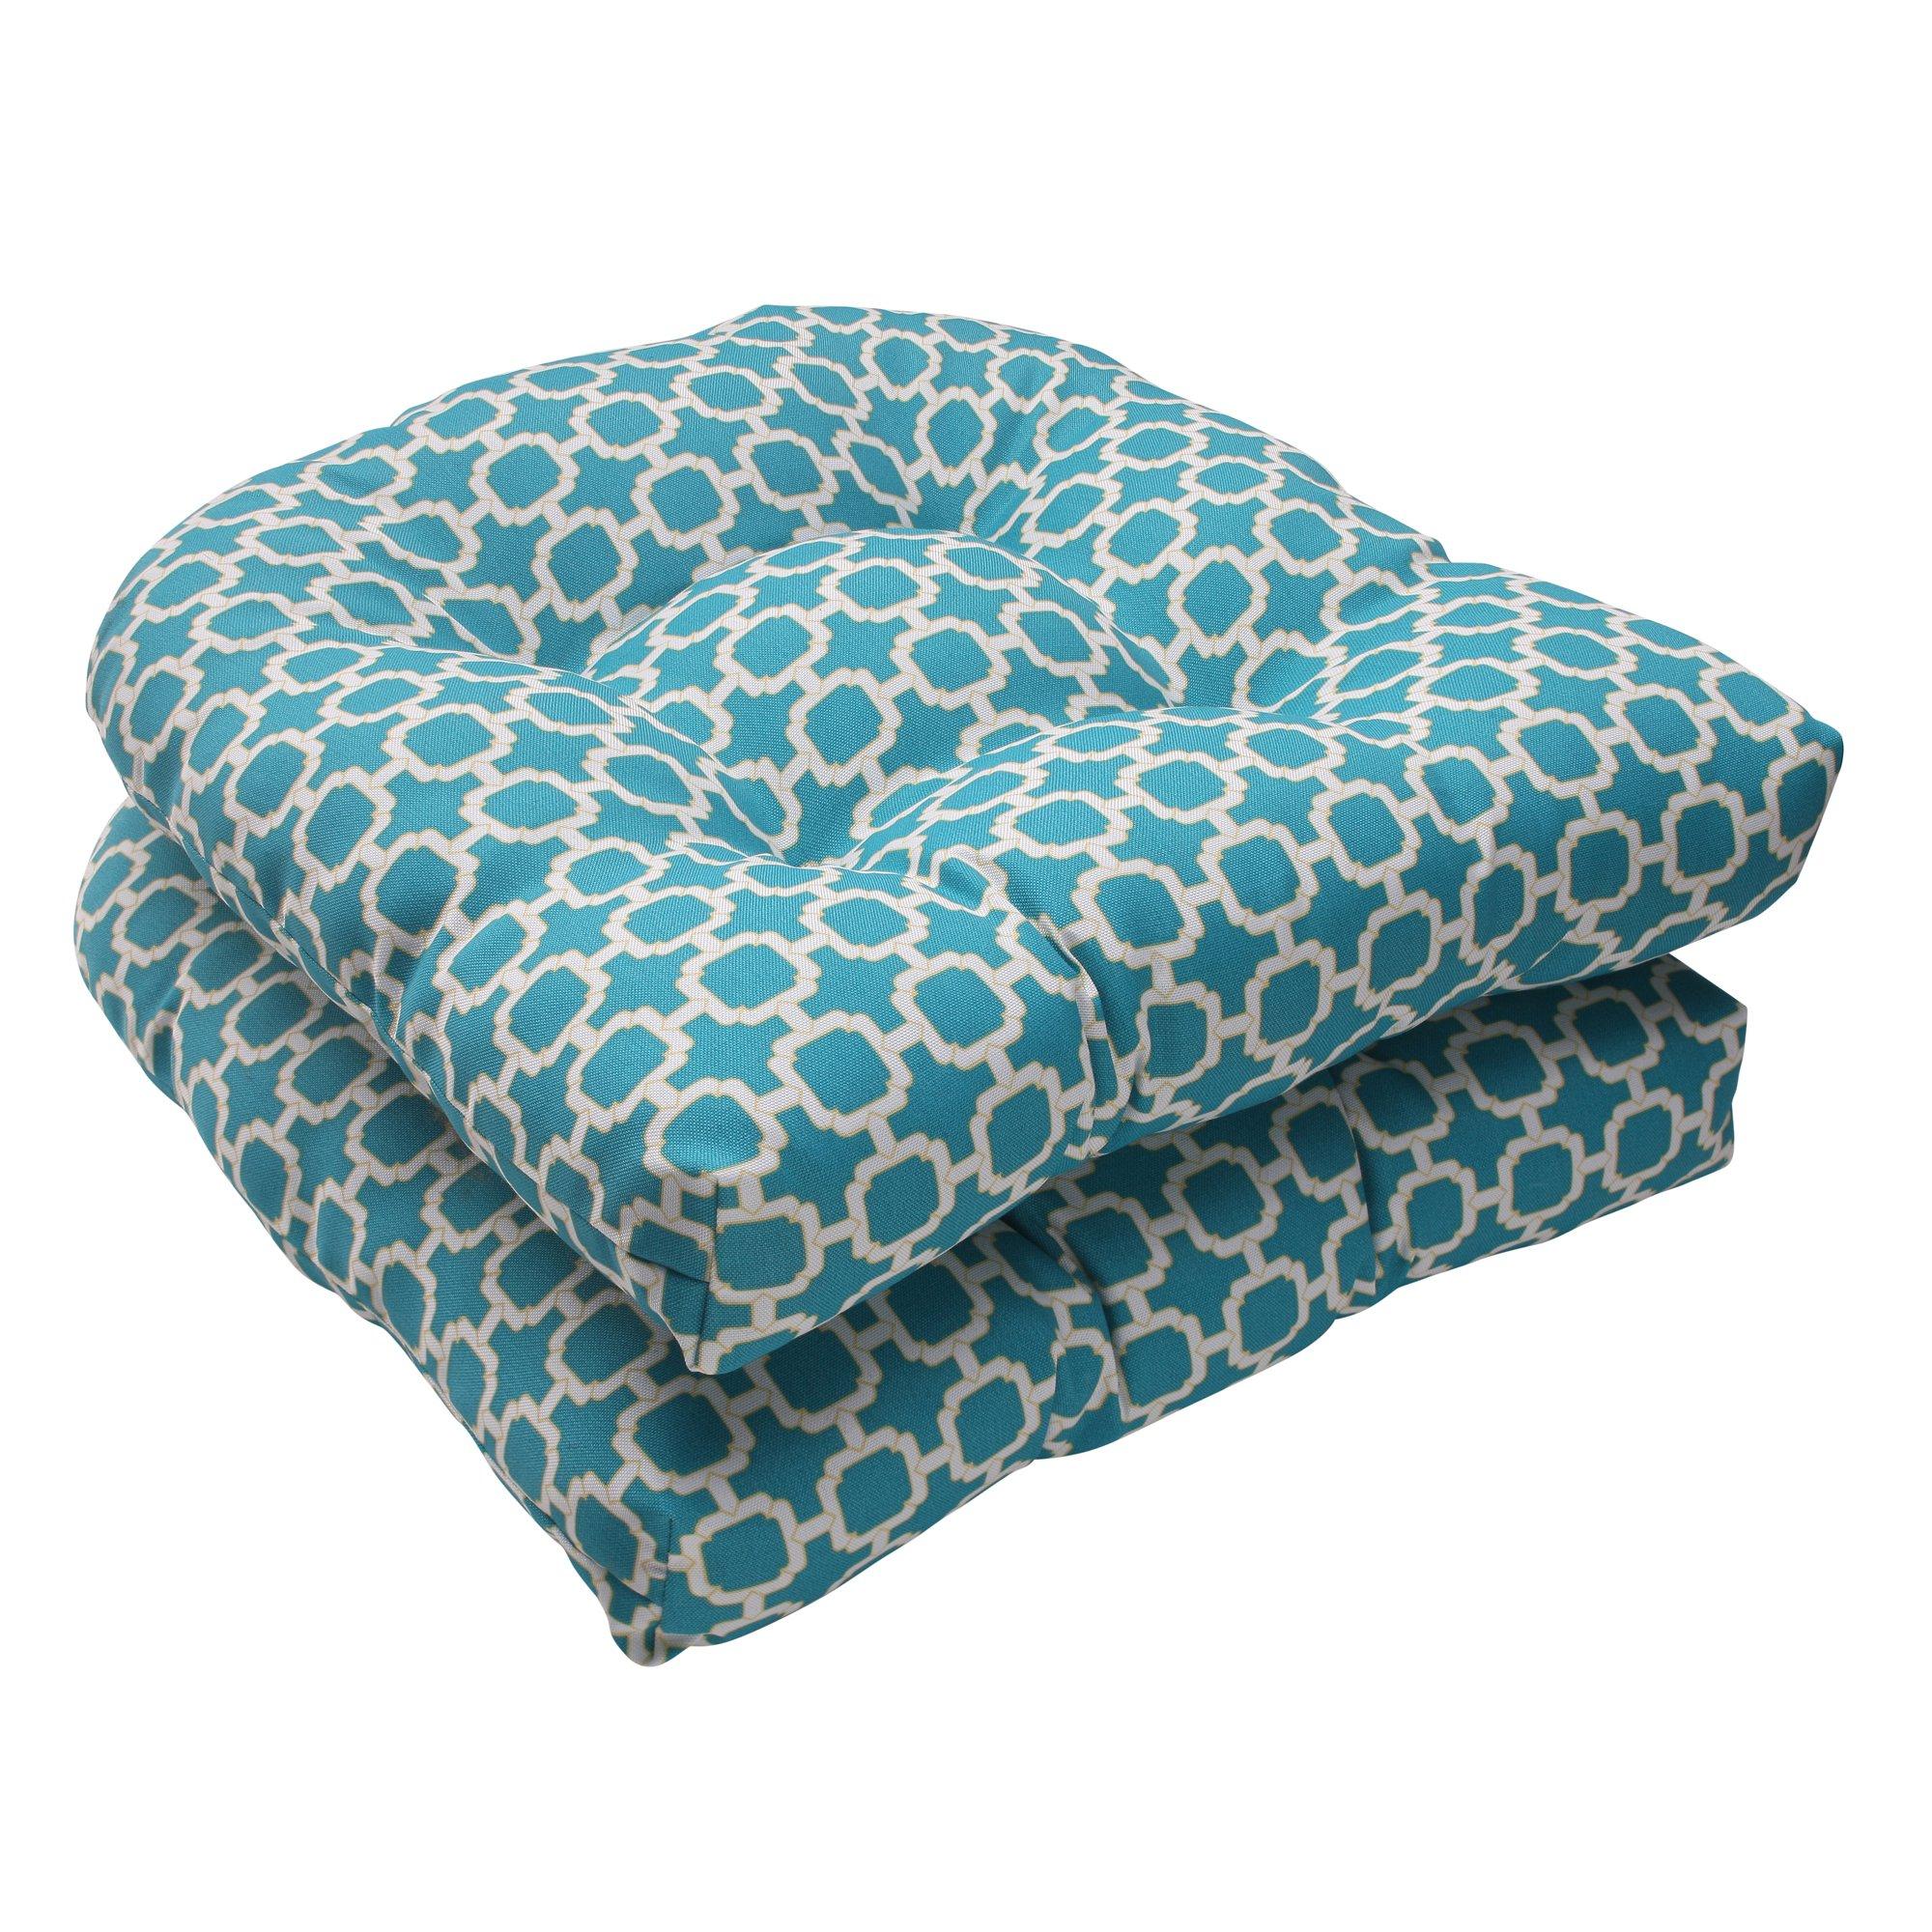 Pillow Perfect Indoor/Outdoor Hockley Wicker Seat